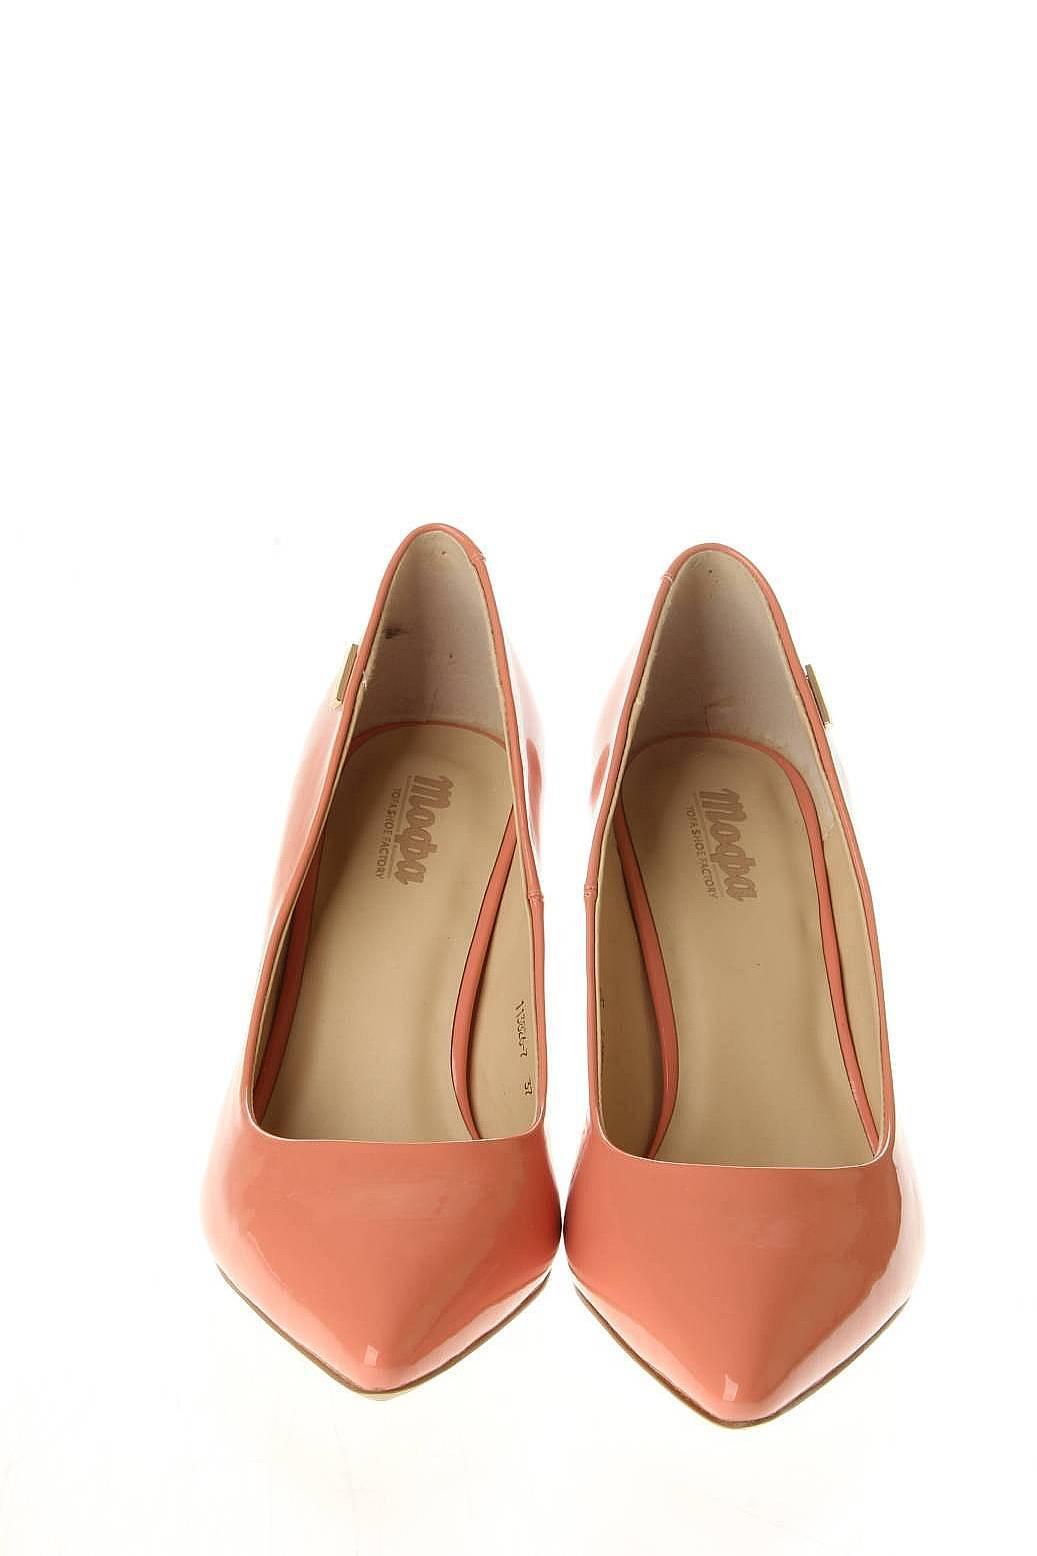 Мужская Обувь Детская Обувь Женская Обувь Туфли: TF Обувь